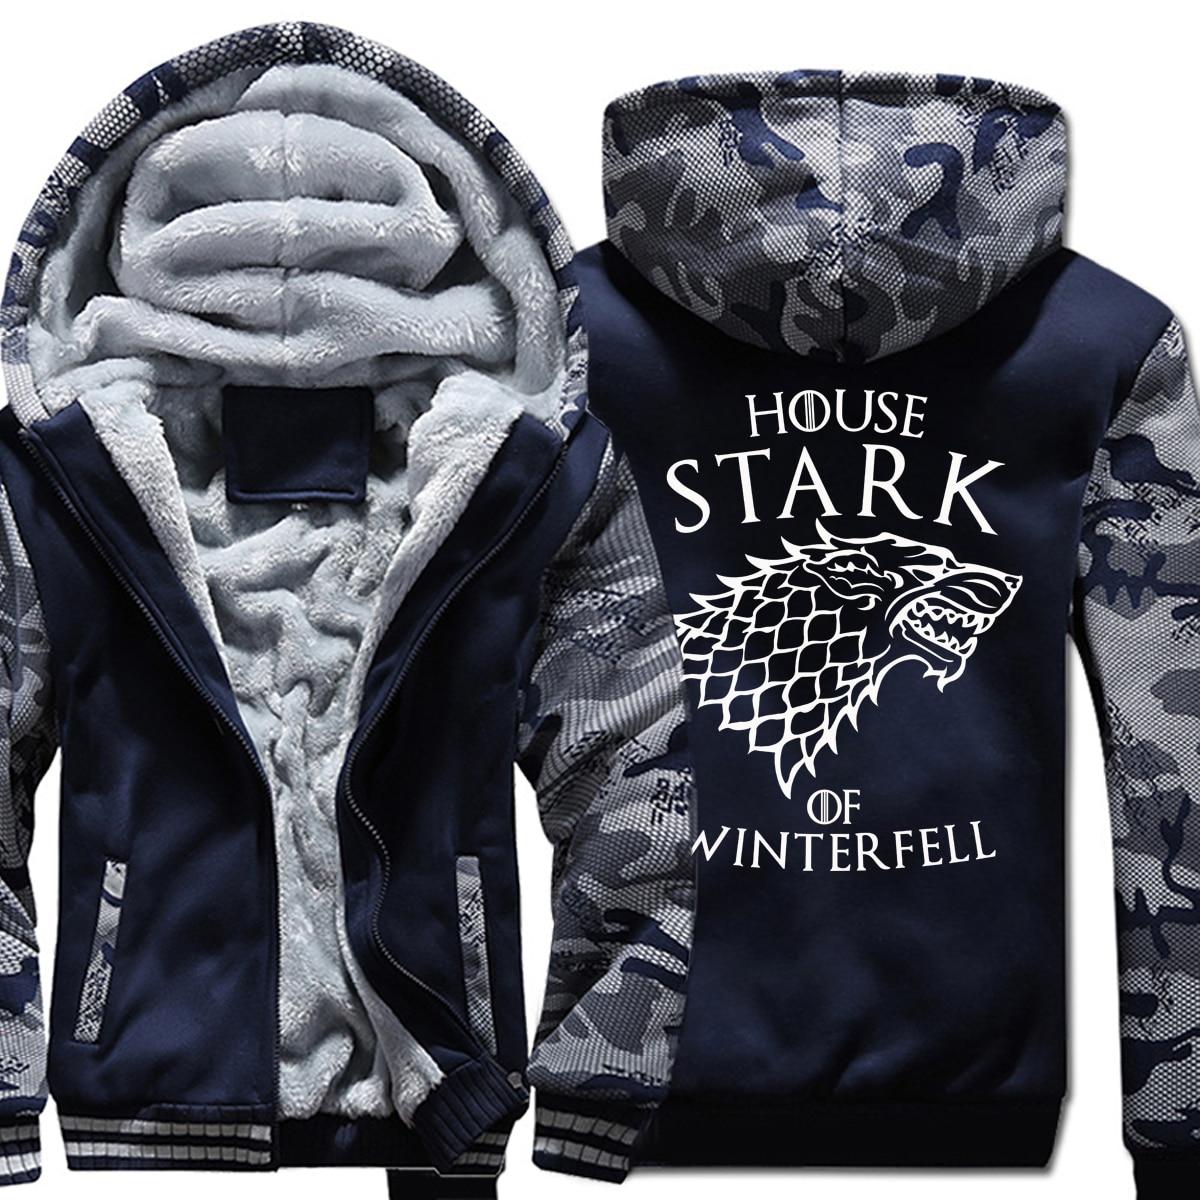 Casa Stark Inverno Sta Arrivando Con Cappuccio 2018 Inverno Game of Thrones Uomini Camouflage Spessore Felpe Fitness Sportwear Hoody Harajuku